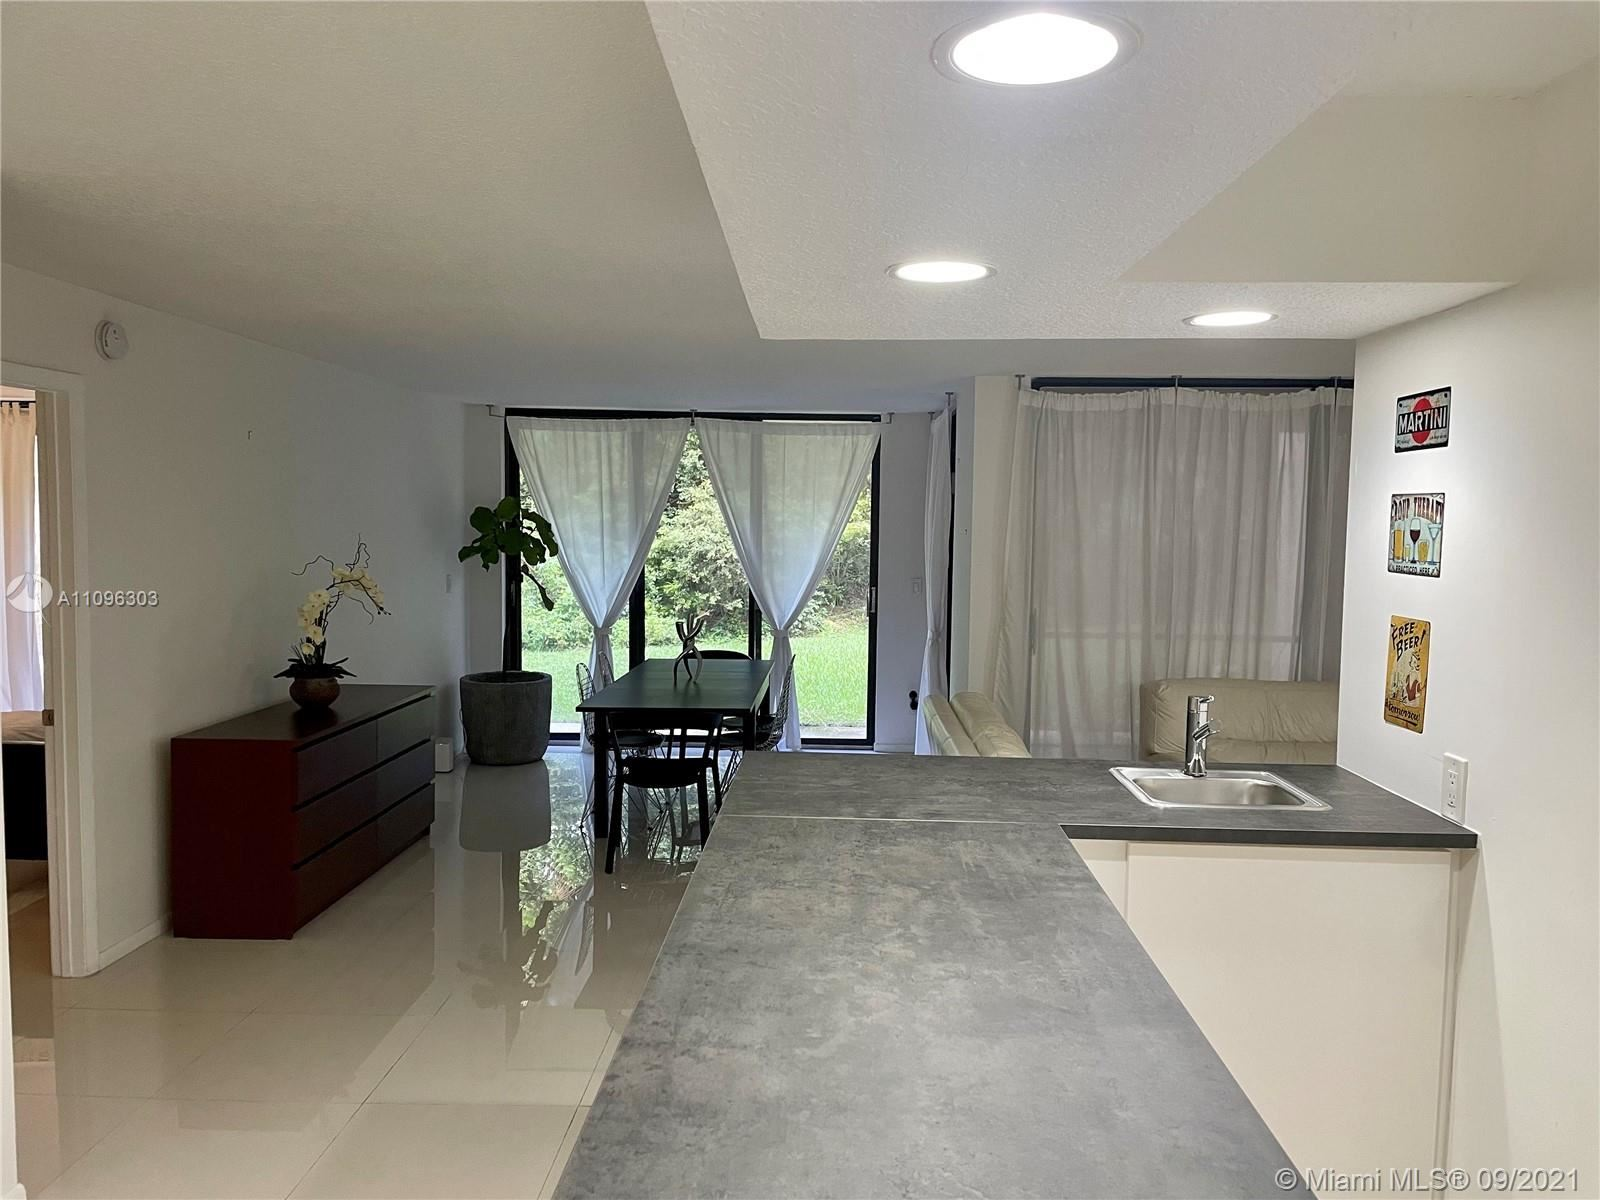 101 SW 96th Terrace #101, Plantation, FL 33324 - #: A11096303